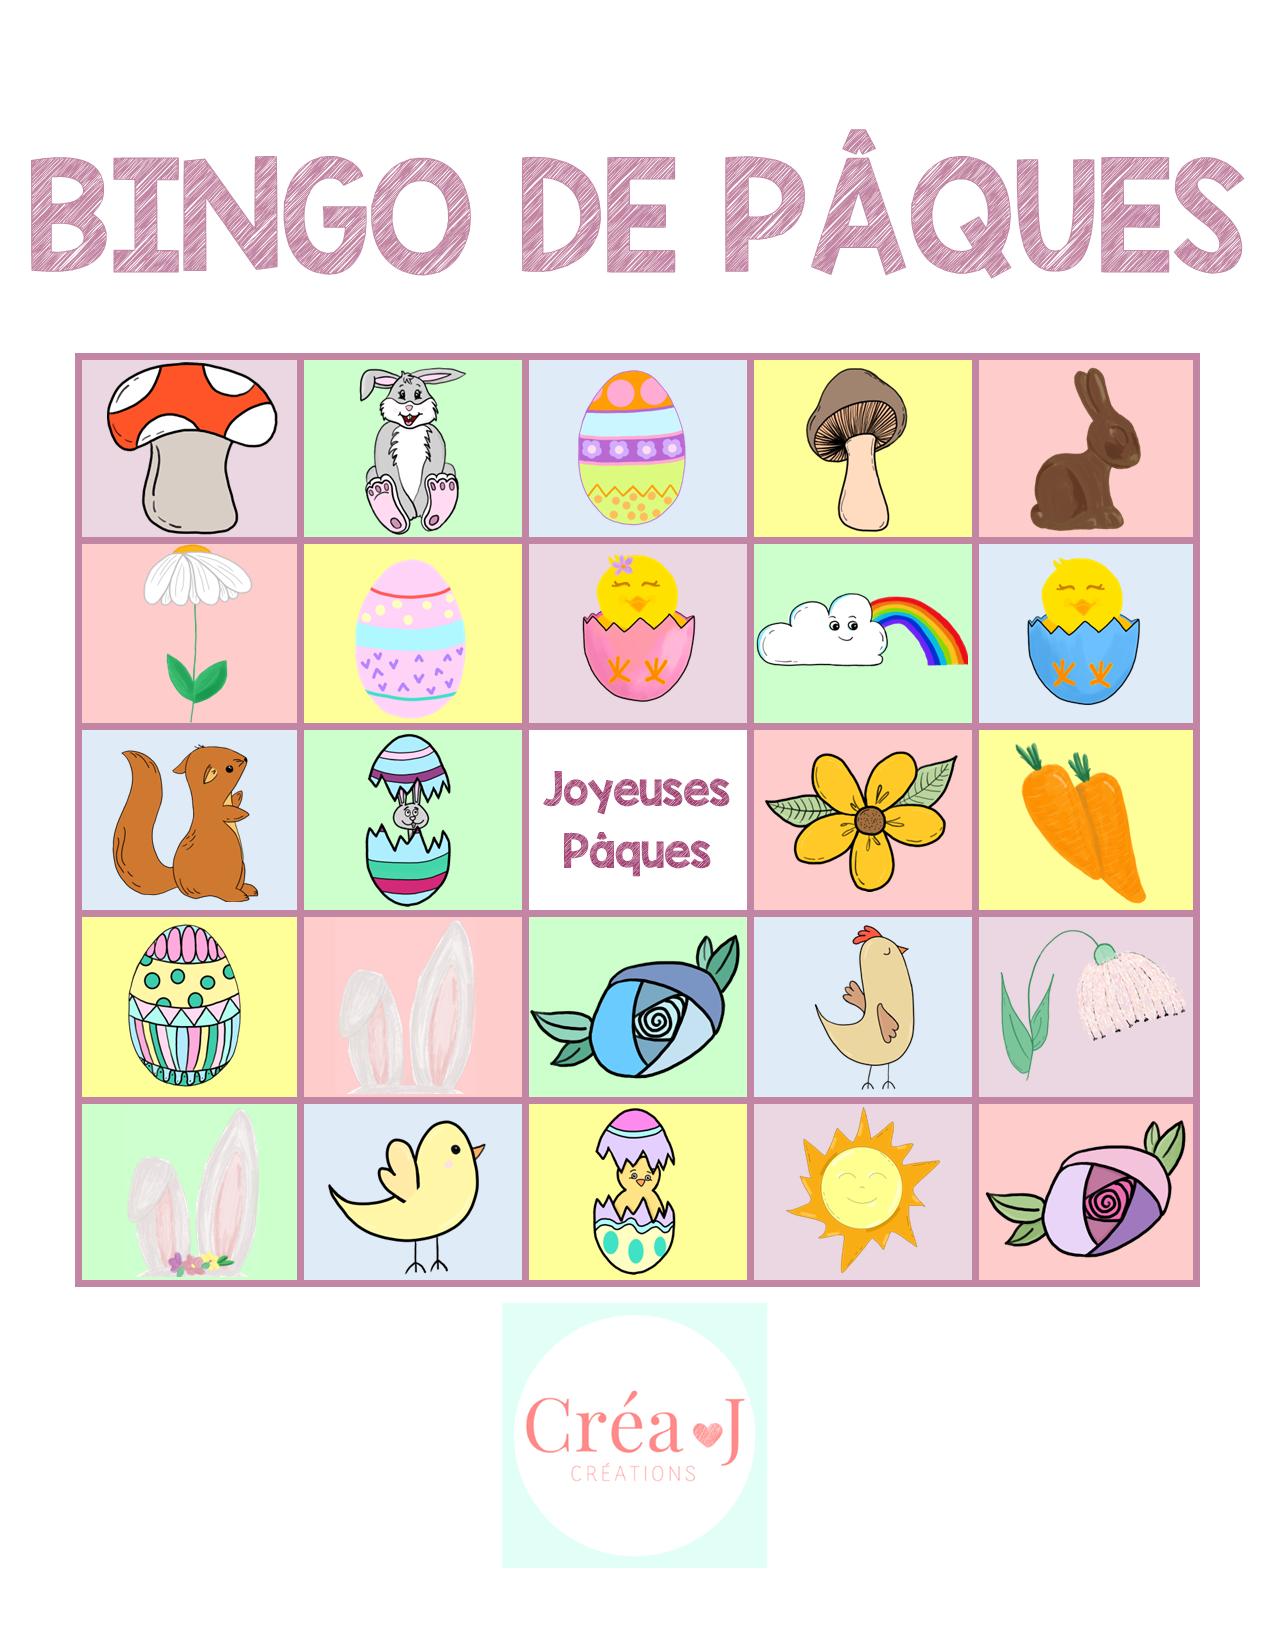 Bingo De Paques Bingo Jeux De Bingo Joyeuses Paques